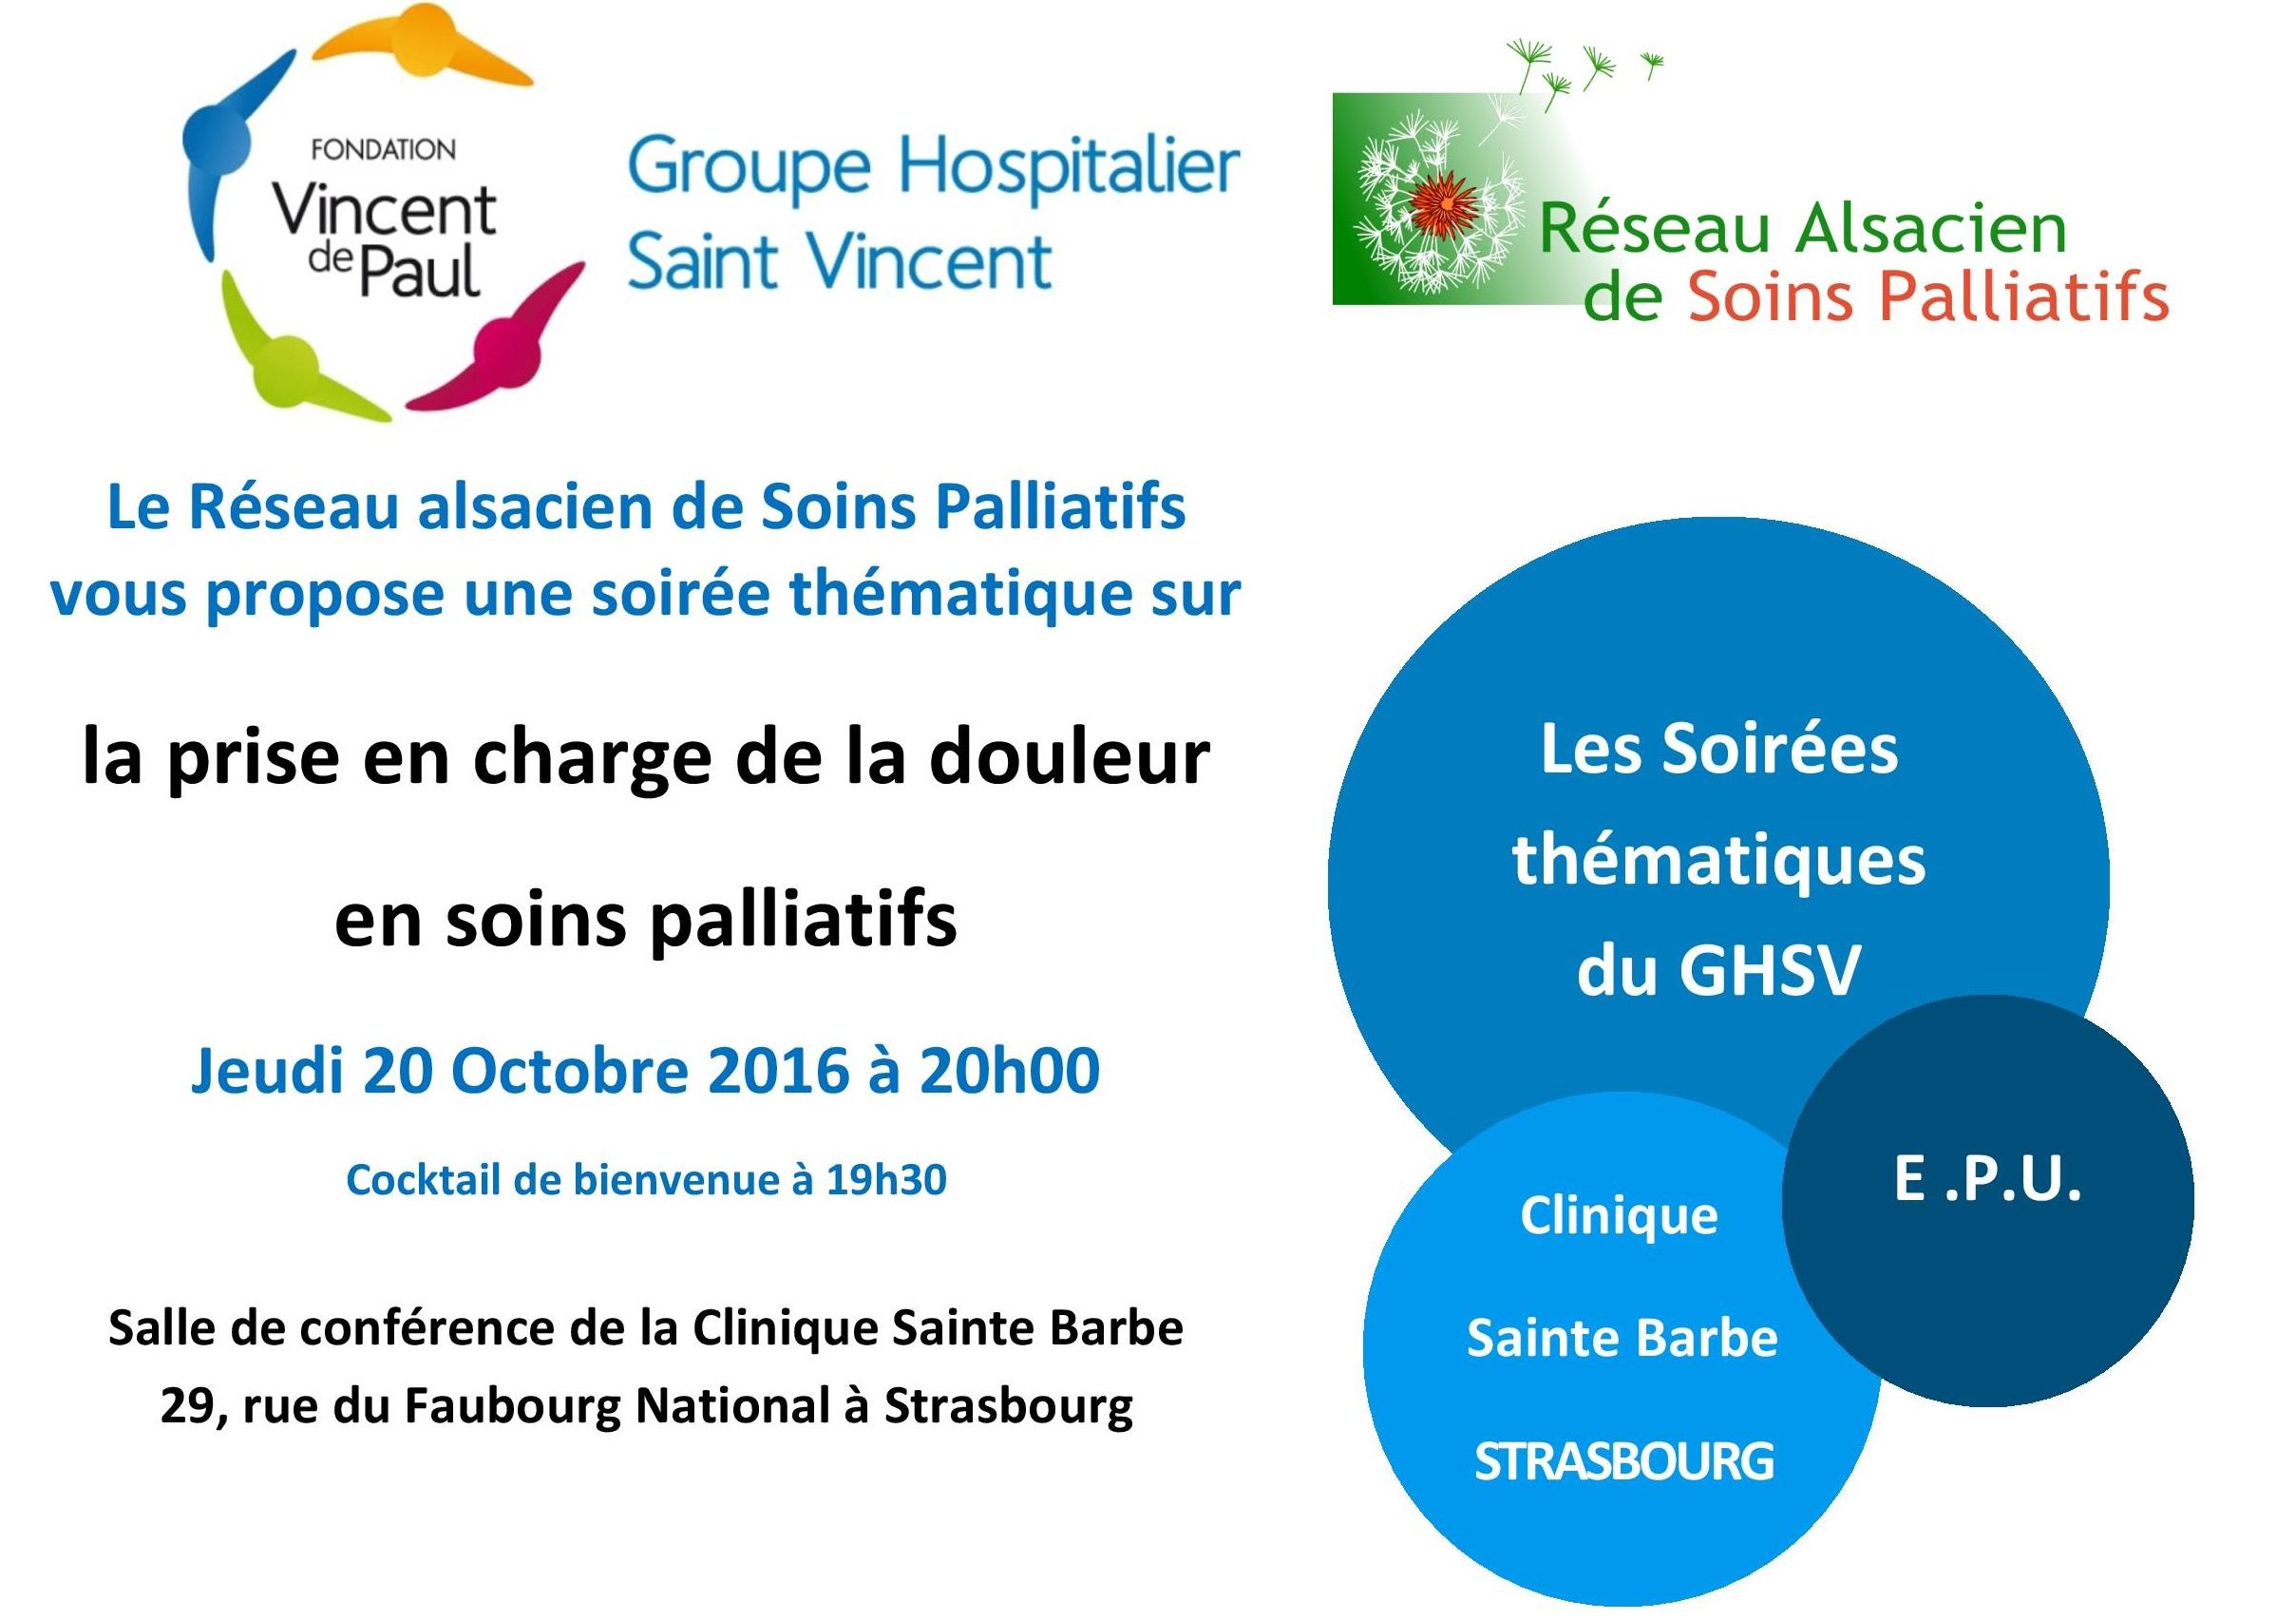 blog  octobre soiree thematique du ghsv la prise en charge de douleur soins palliatifs